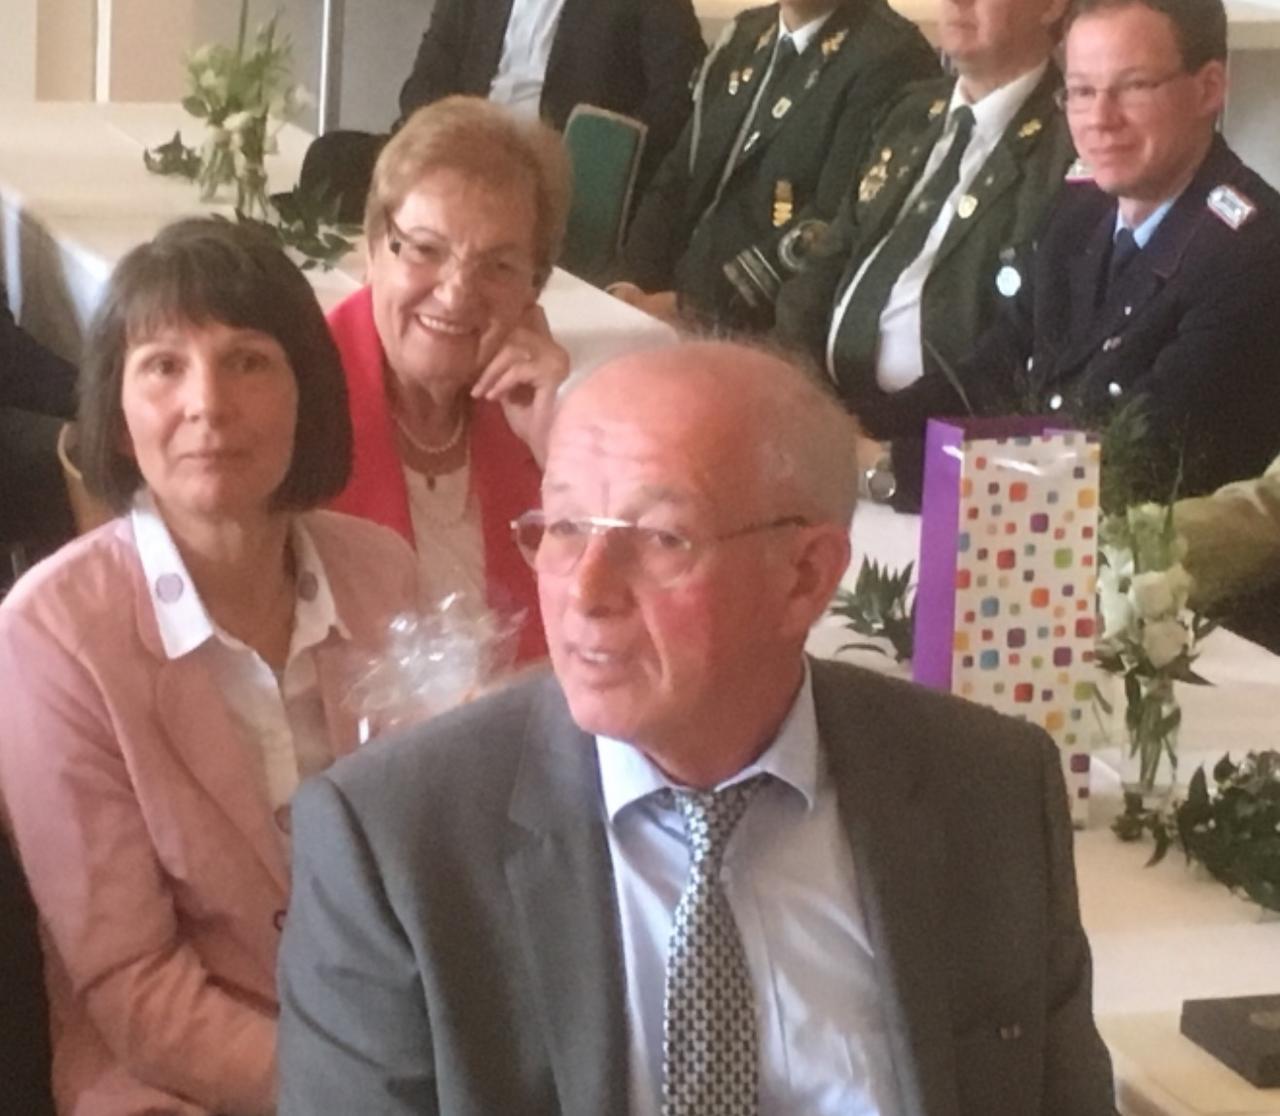 Verdienstorden für Heinrich Wilgenbus